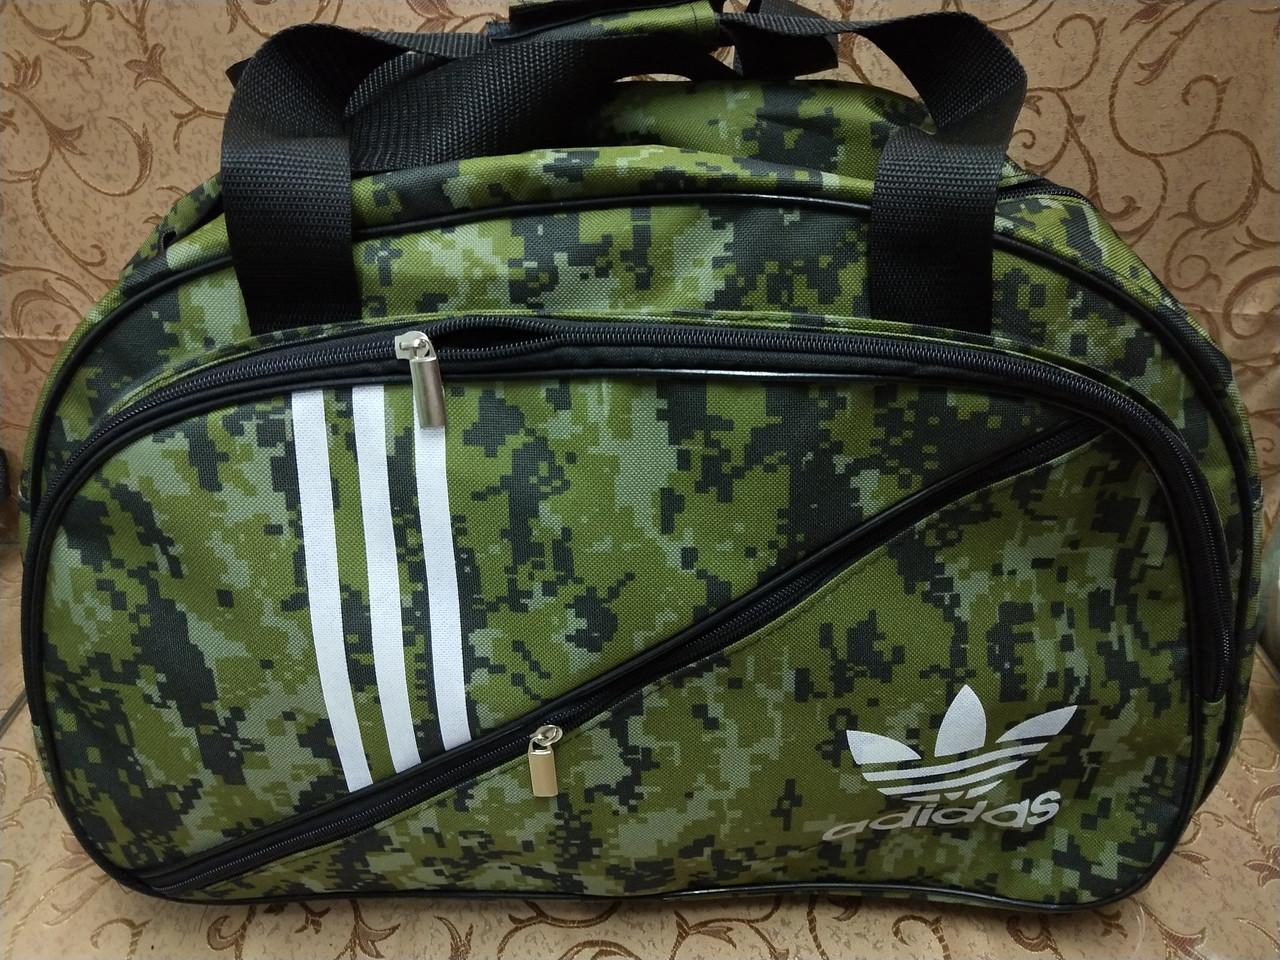 33*49-Спортивная дорожная Камуфляж сумка adidas Дорожная Спортивная сумка только оптом